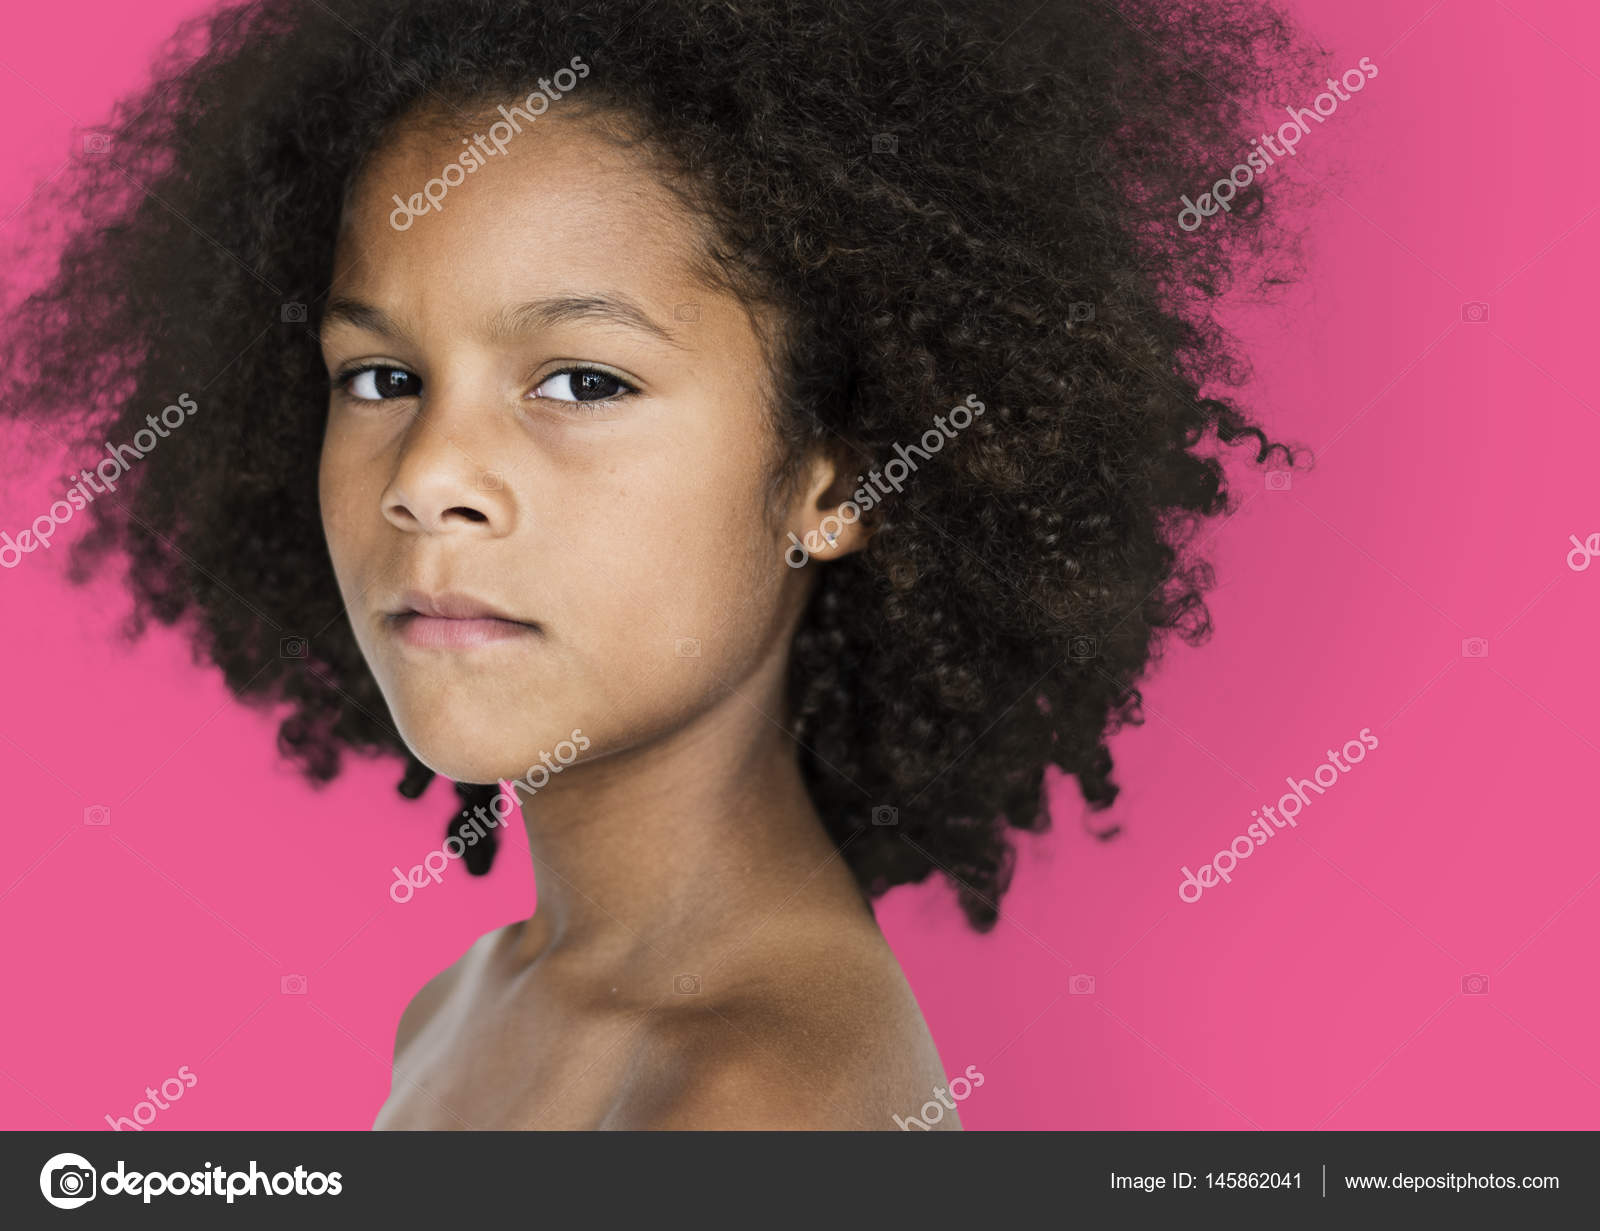 Afrikaanse kind met afro kapsel u2014 stockfoto © rawpixel #145862041